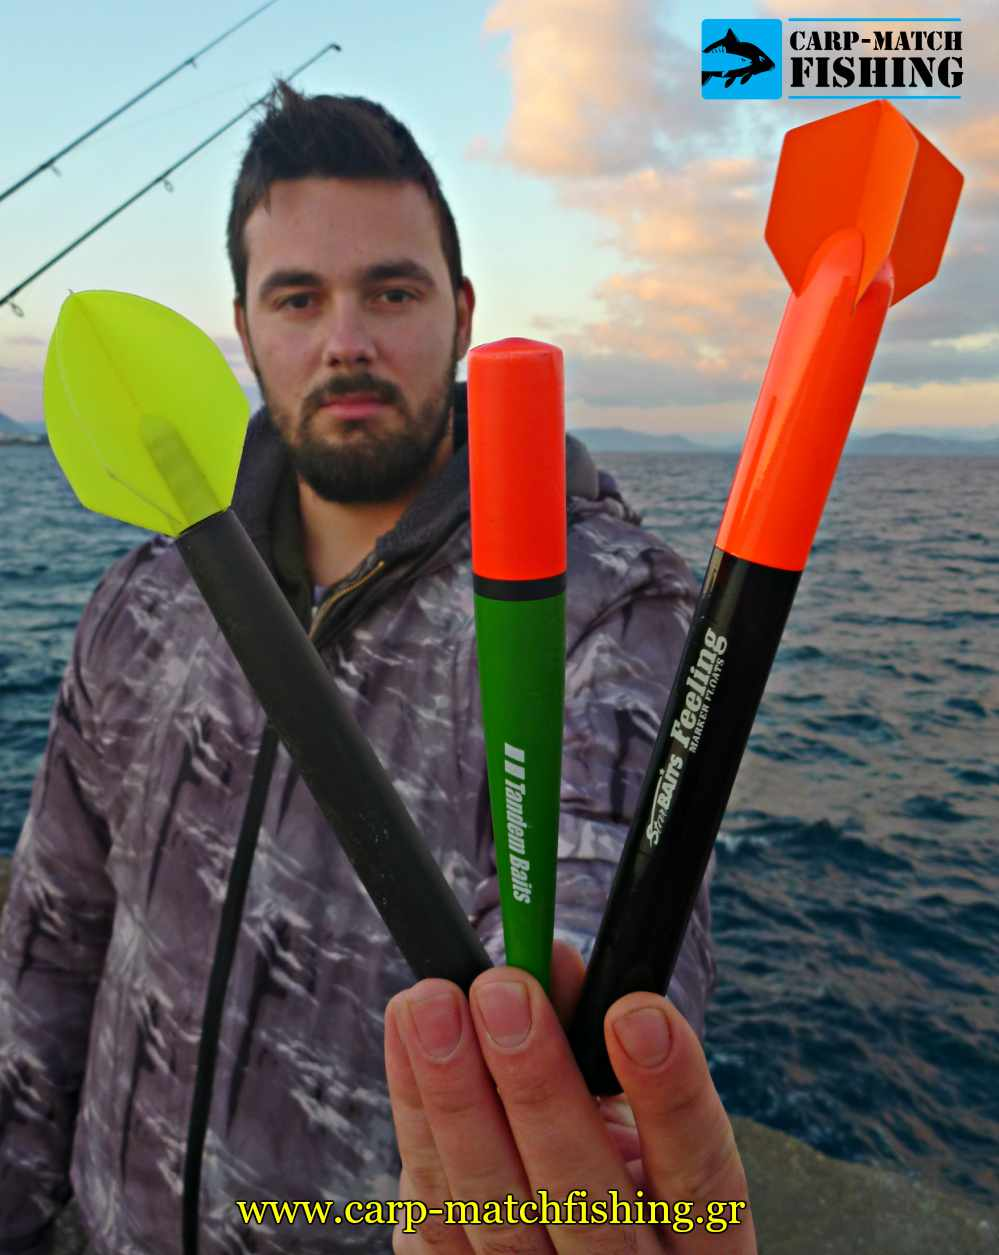 predator floats psarema palamidas carpmatchfishing